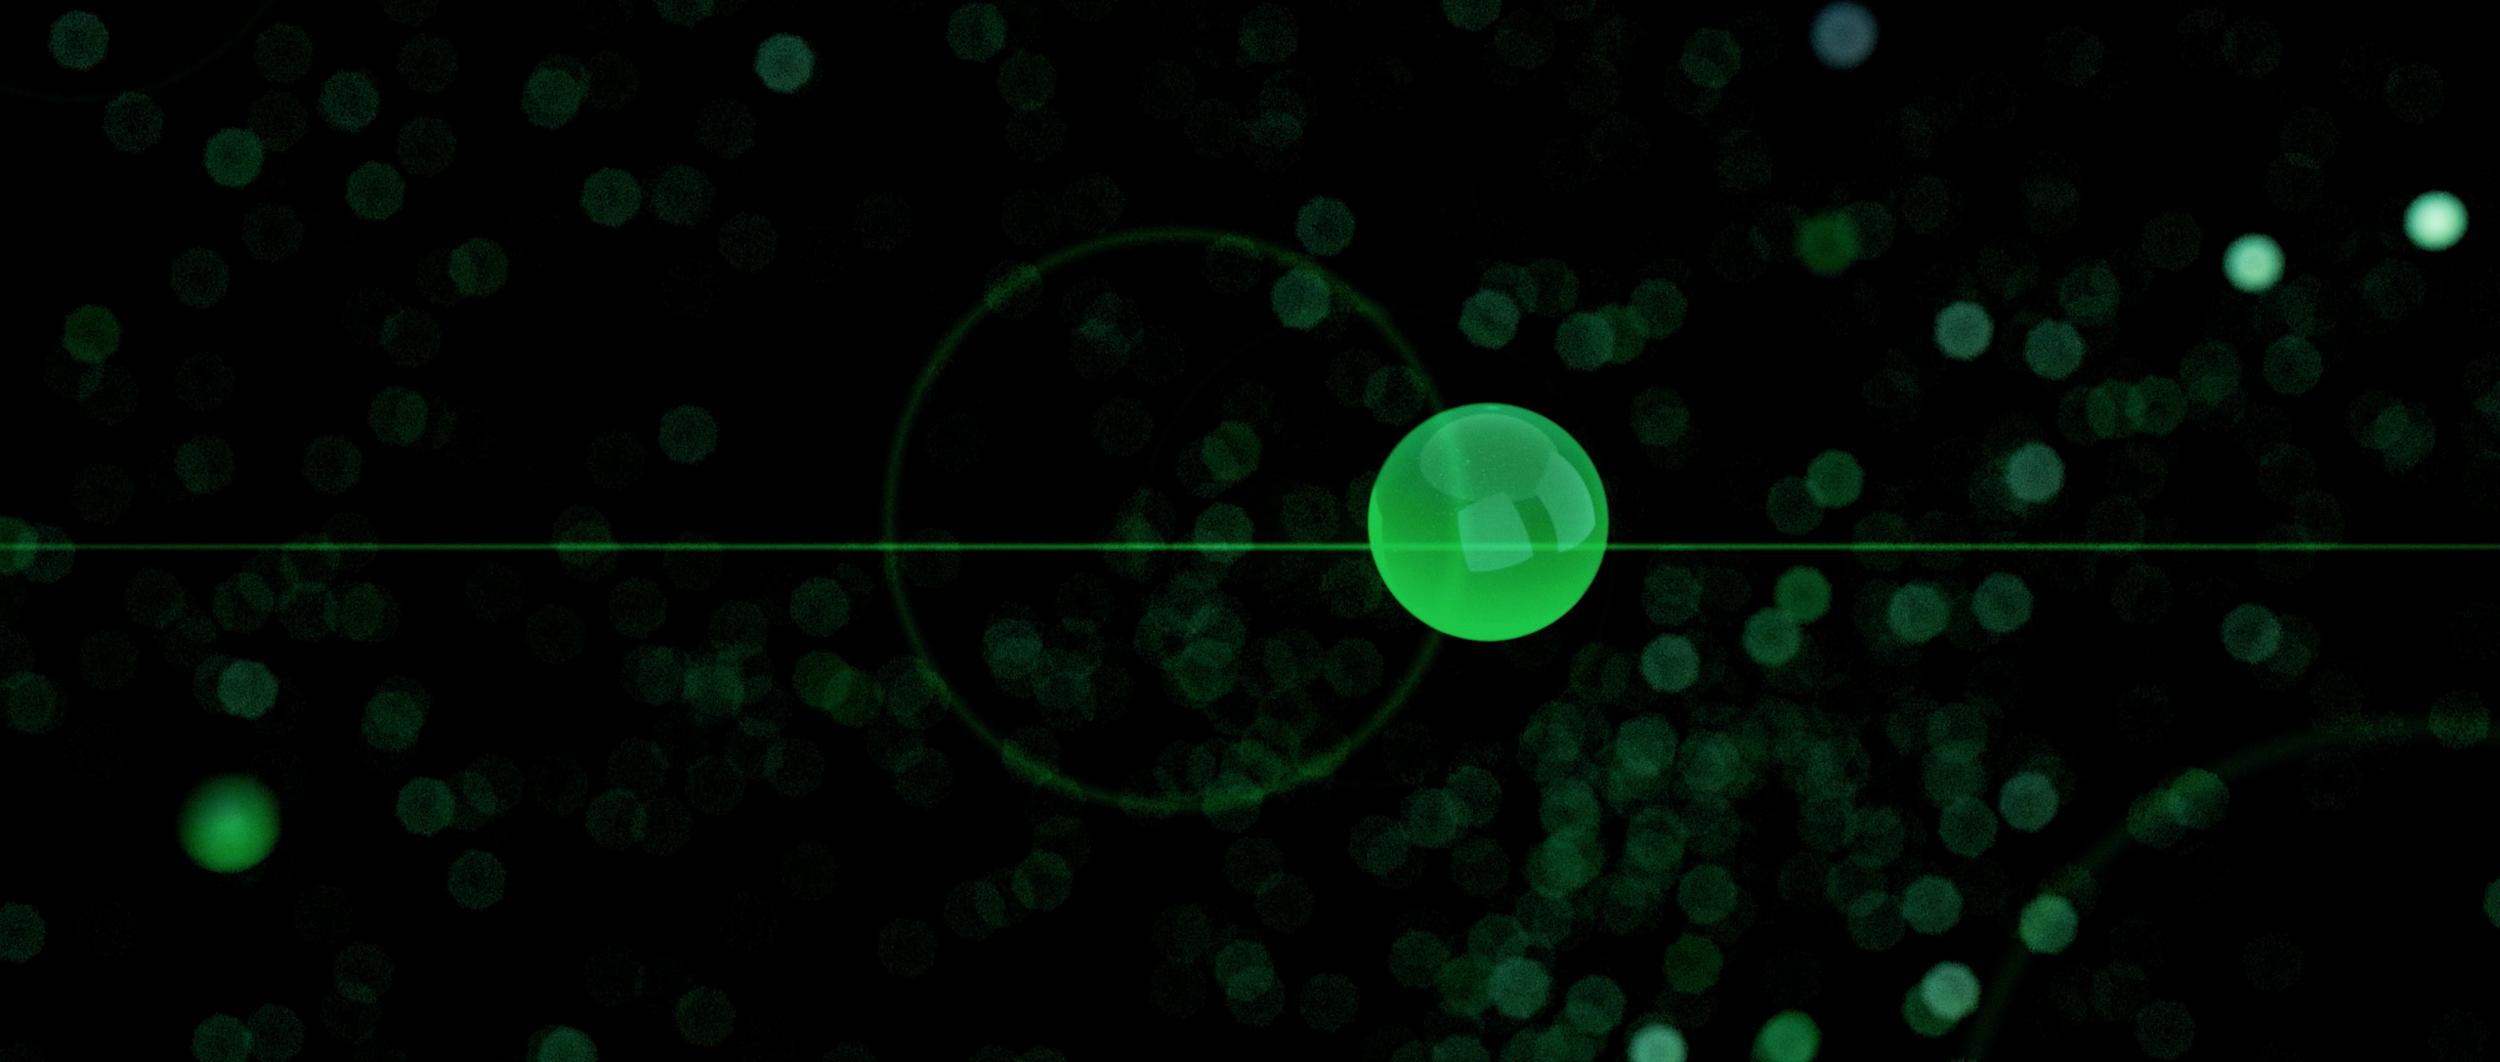 Screen Shot 2018-04-10 at 09.09.08.png